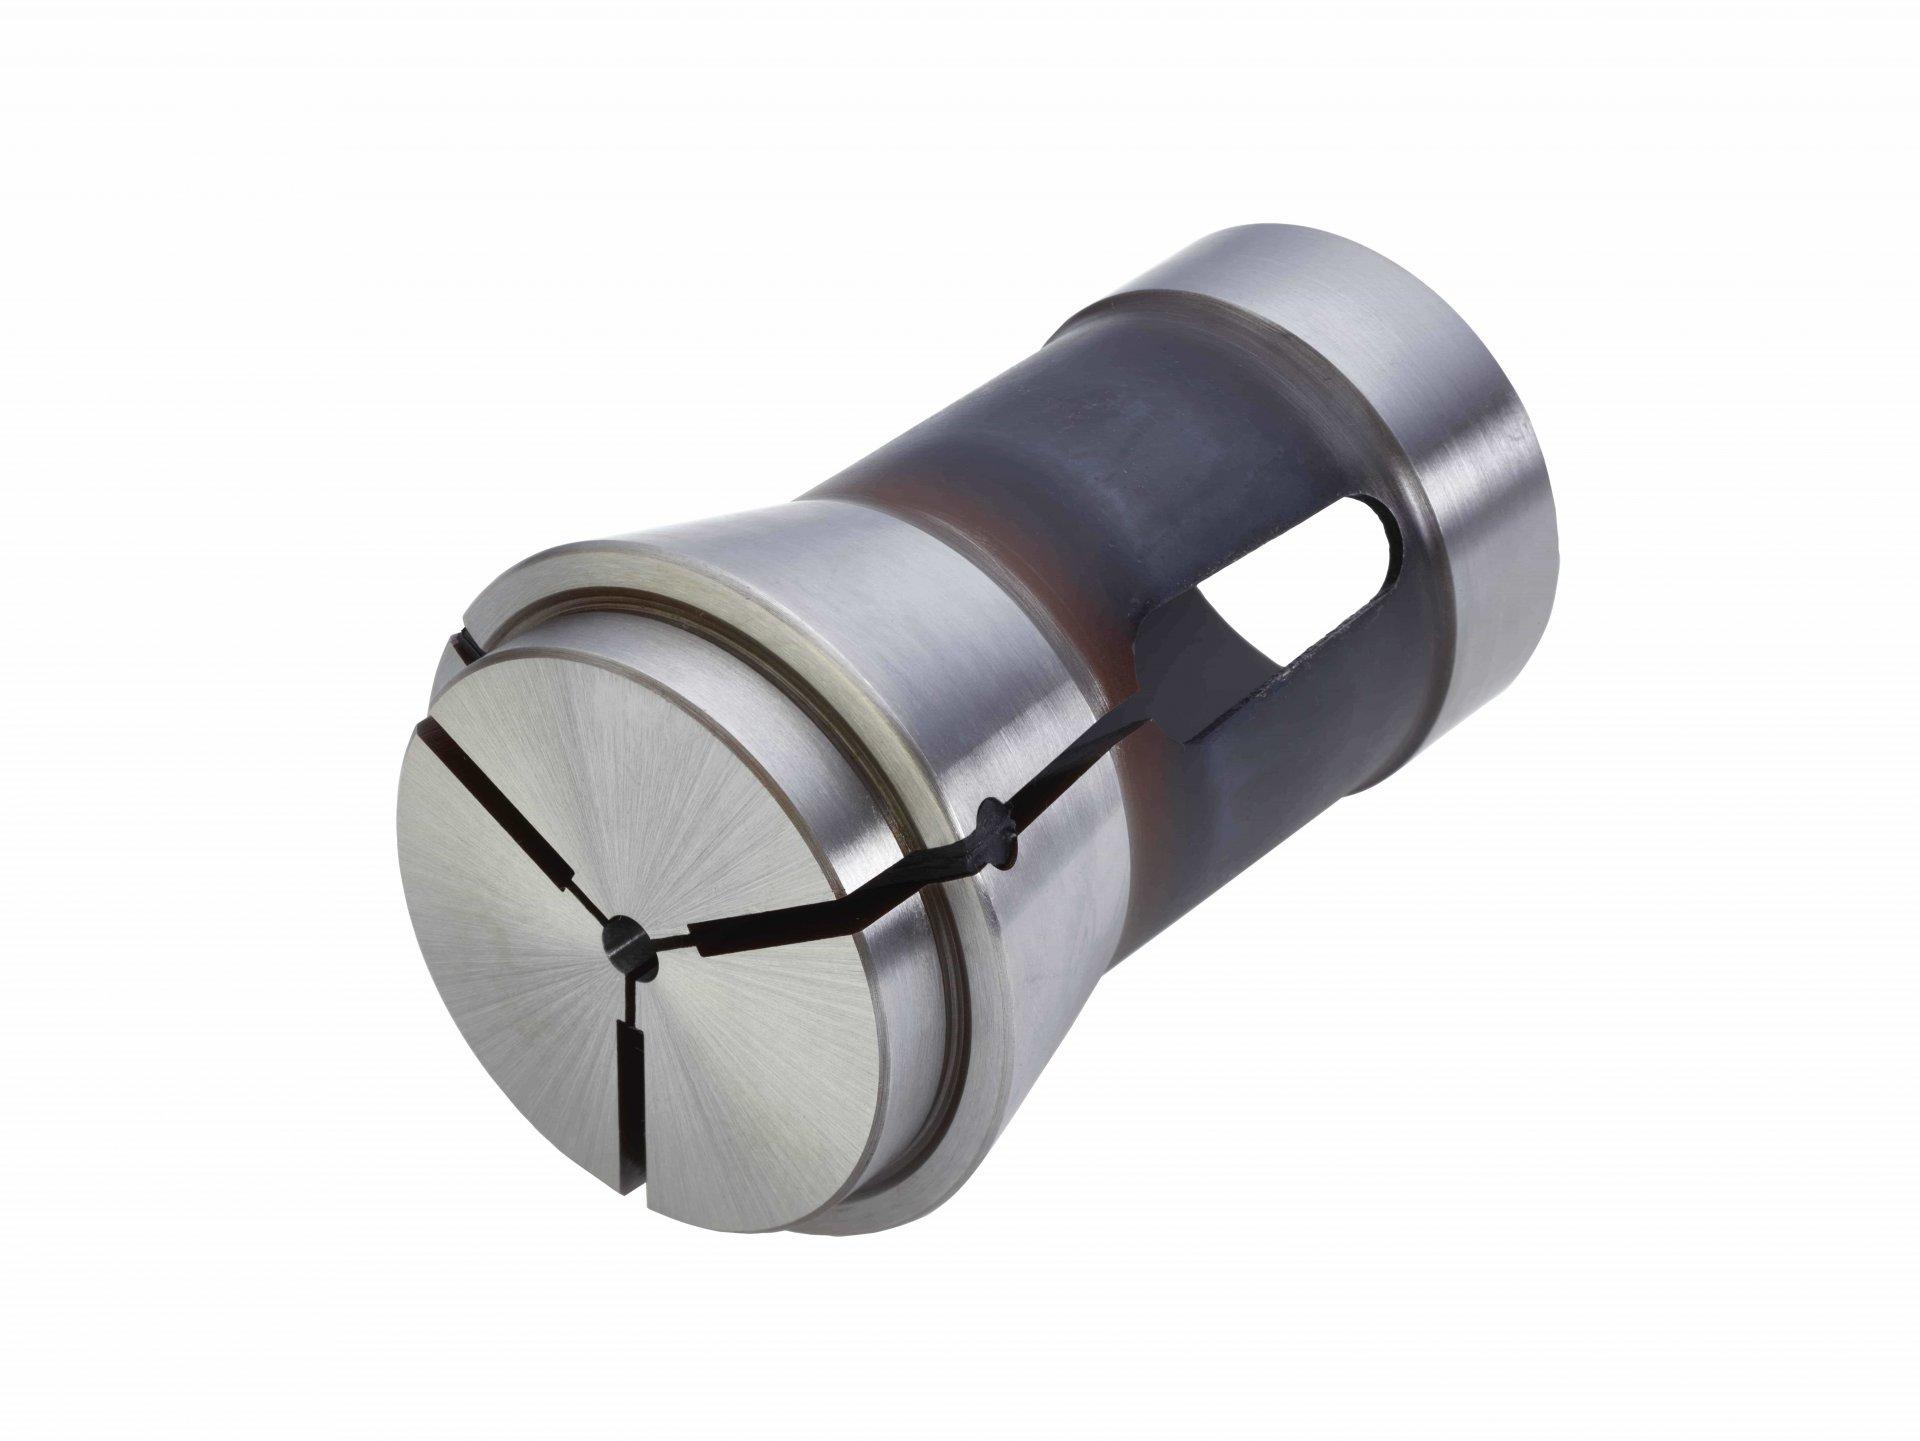 Spannzange 163E - verschiedene Durchmesser